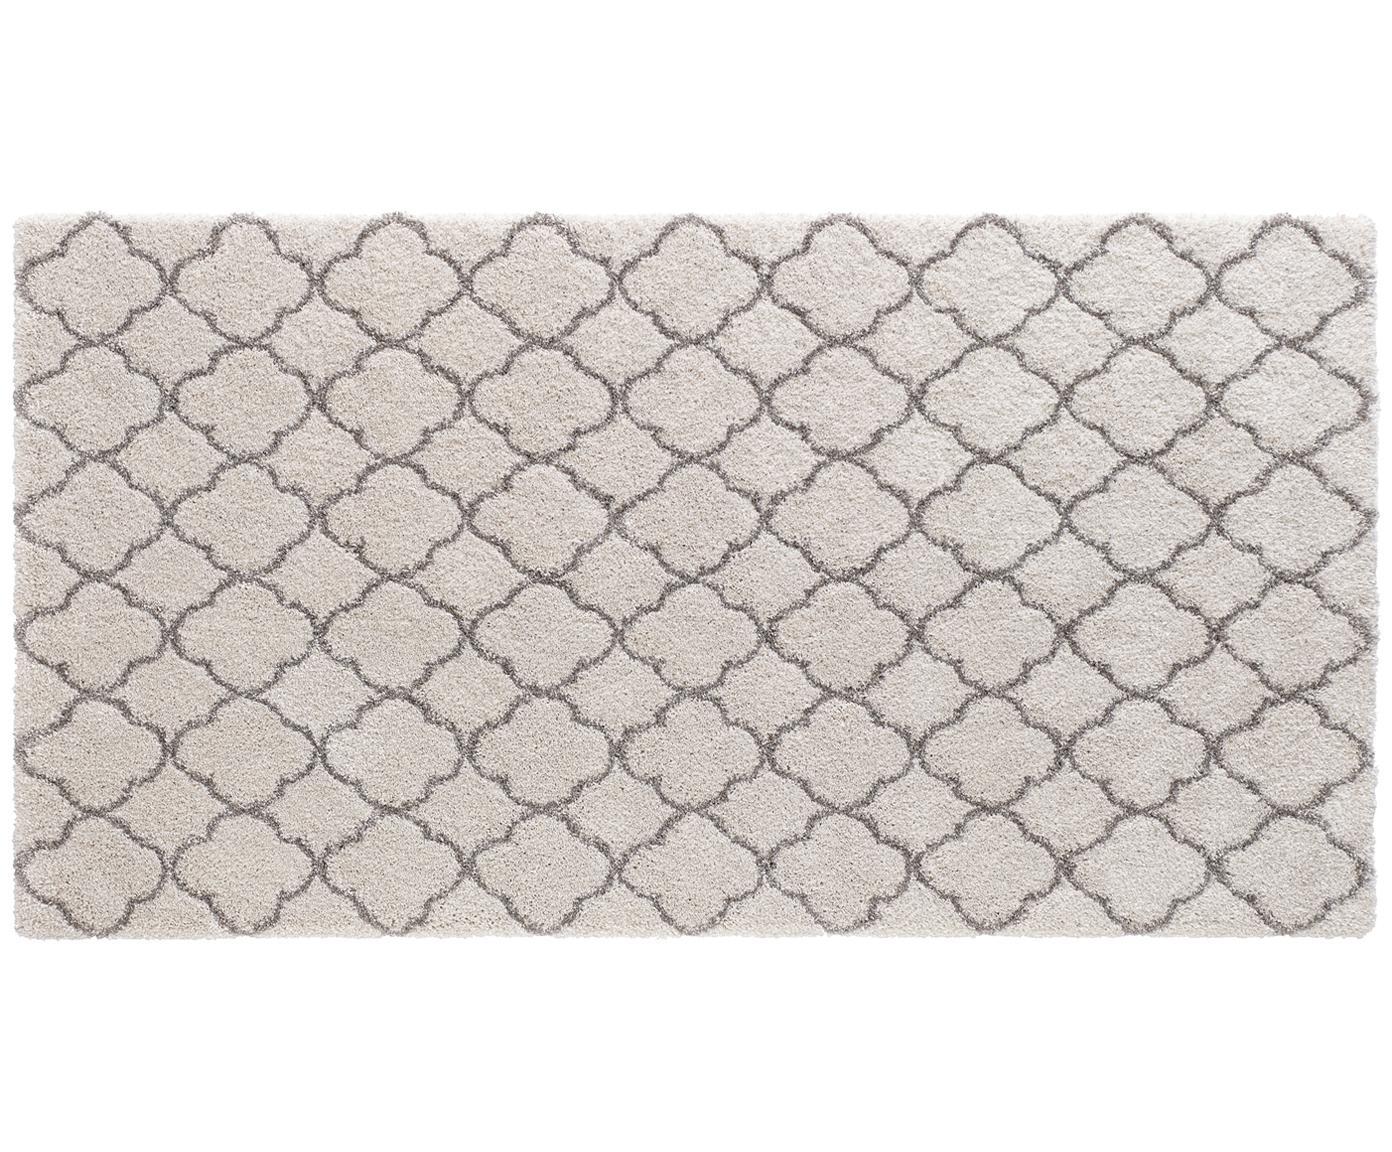 Hochflor-Teppich Grace in Creme/Grau, Flor: 100% Polypropylen, Creme, Grau, B 80 x L 150 cm (Größe XS)